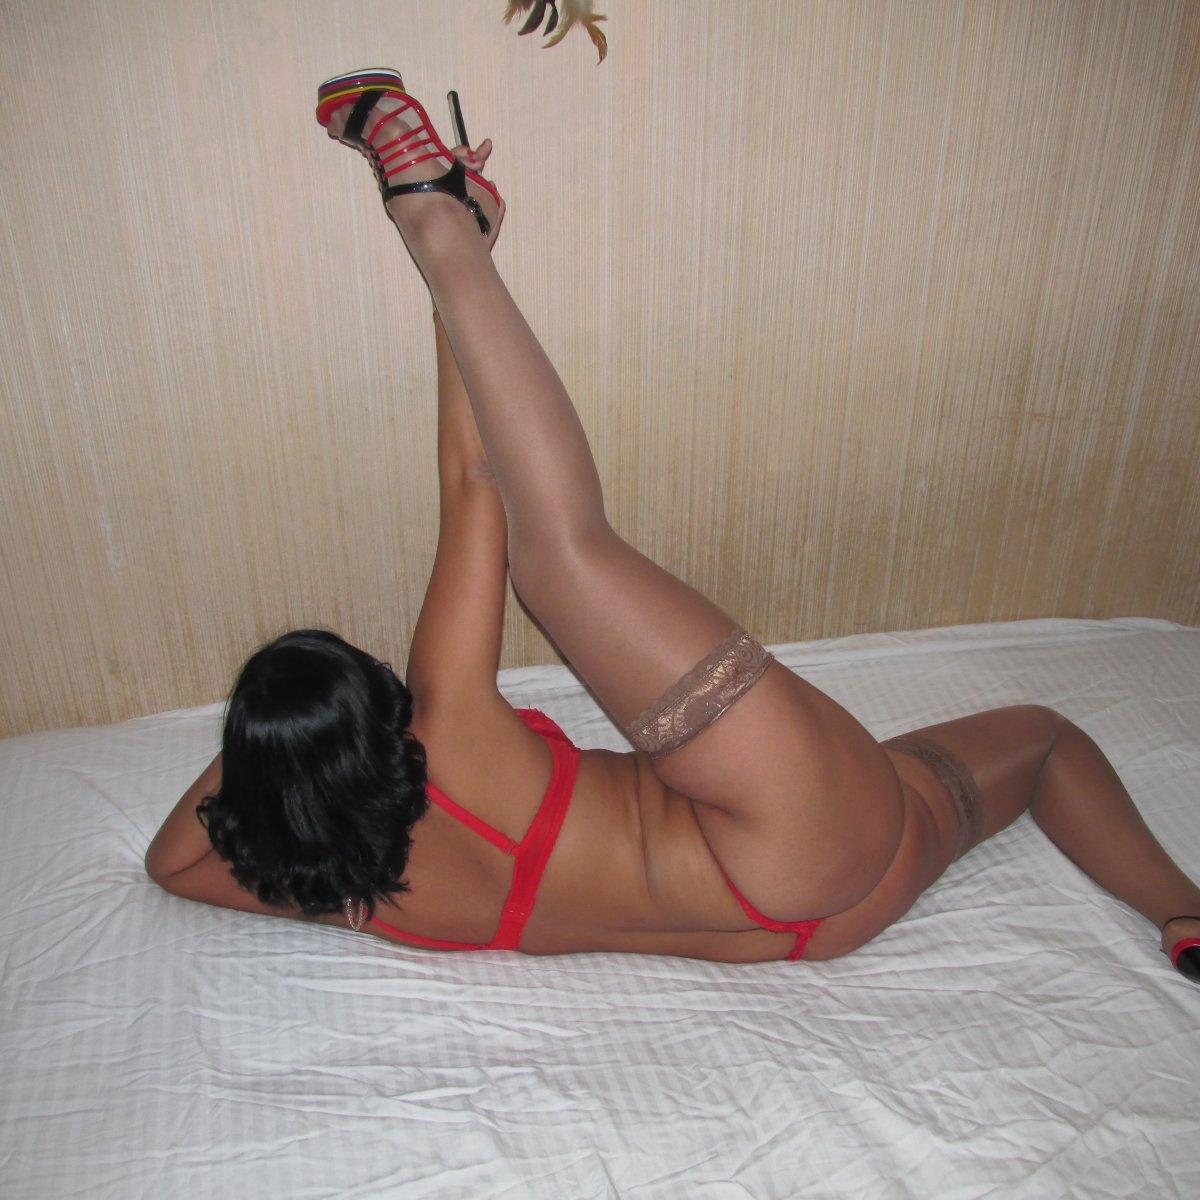 интим услуг в кемерово порно девочек малолеточек